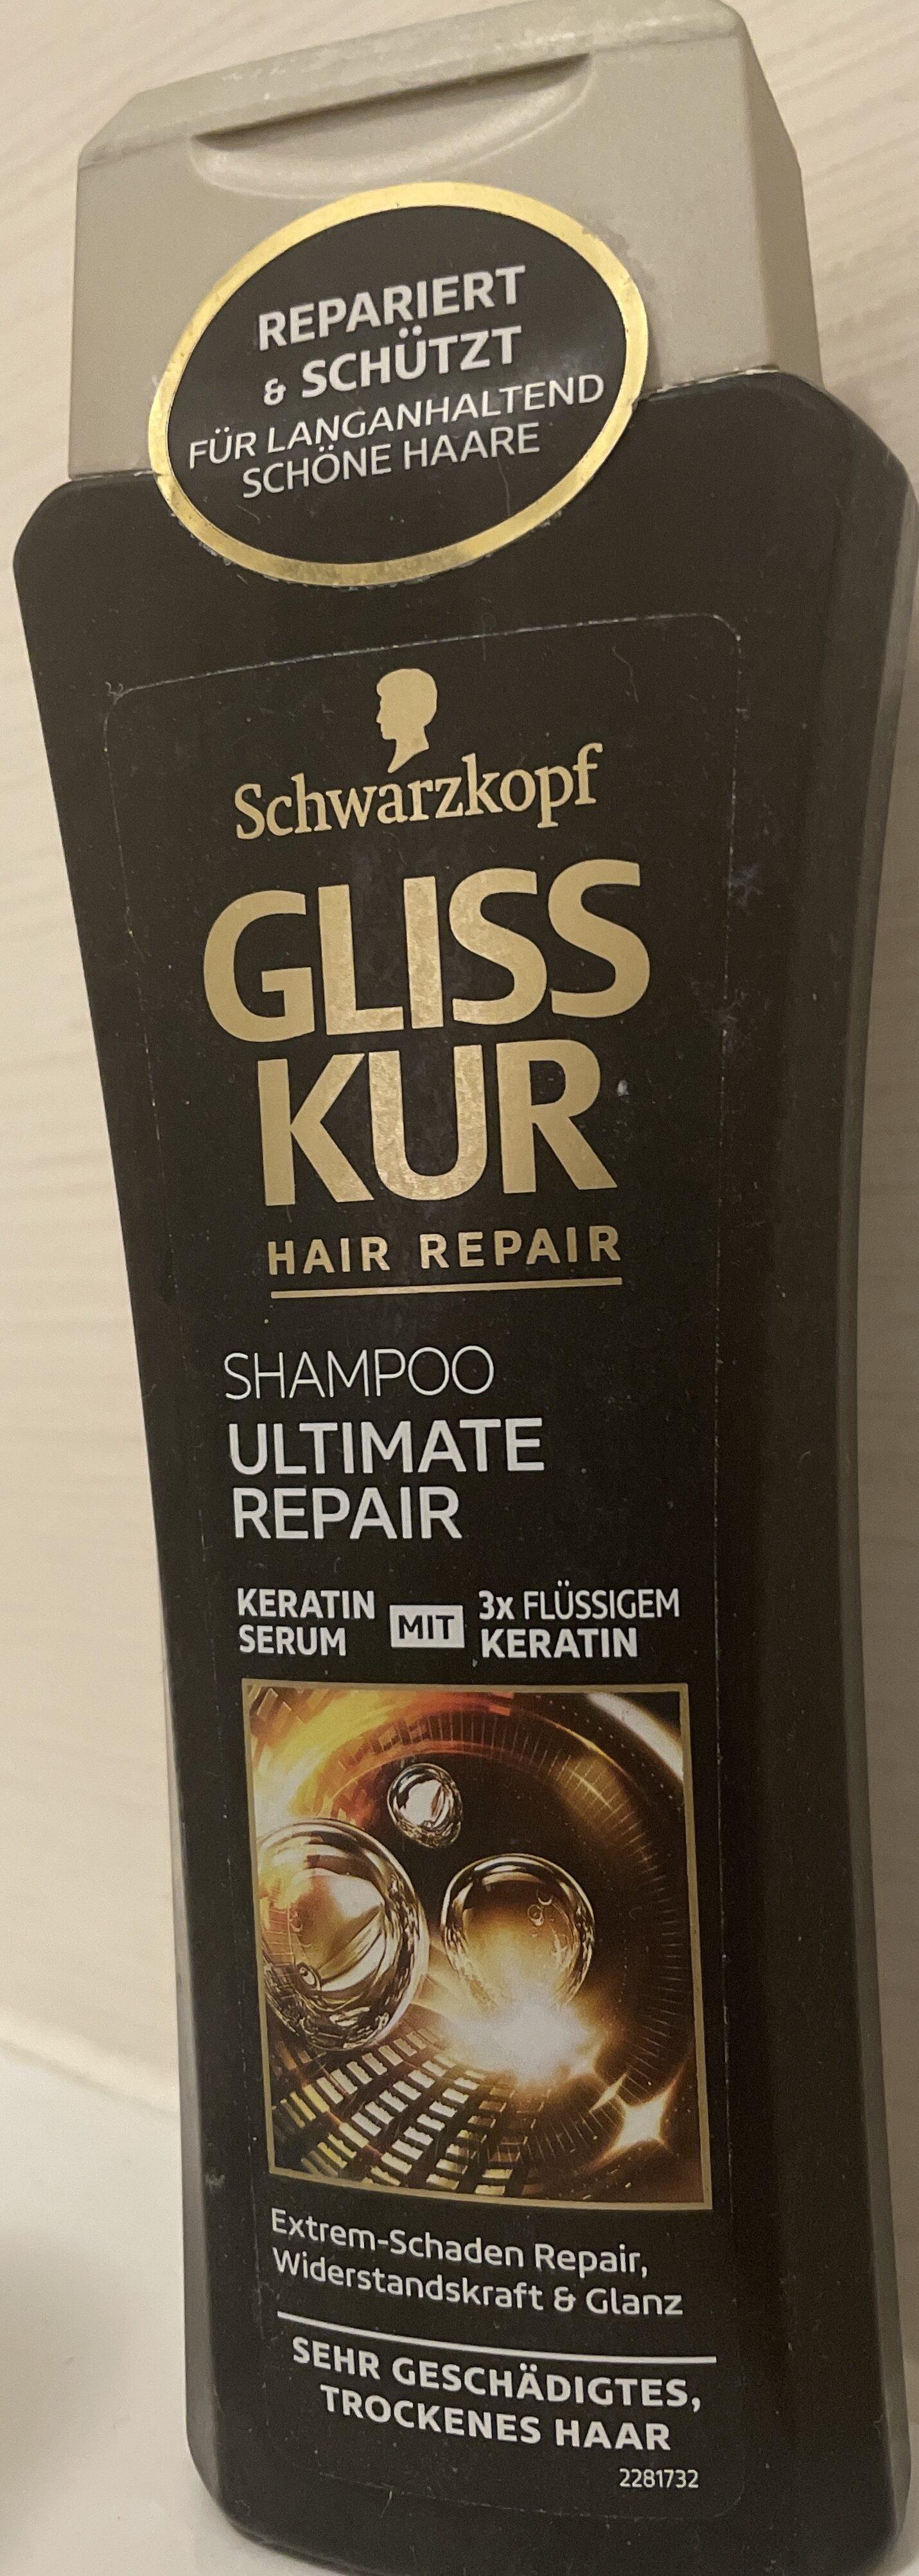 Gliss Kur Hair Repair - Product - de